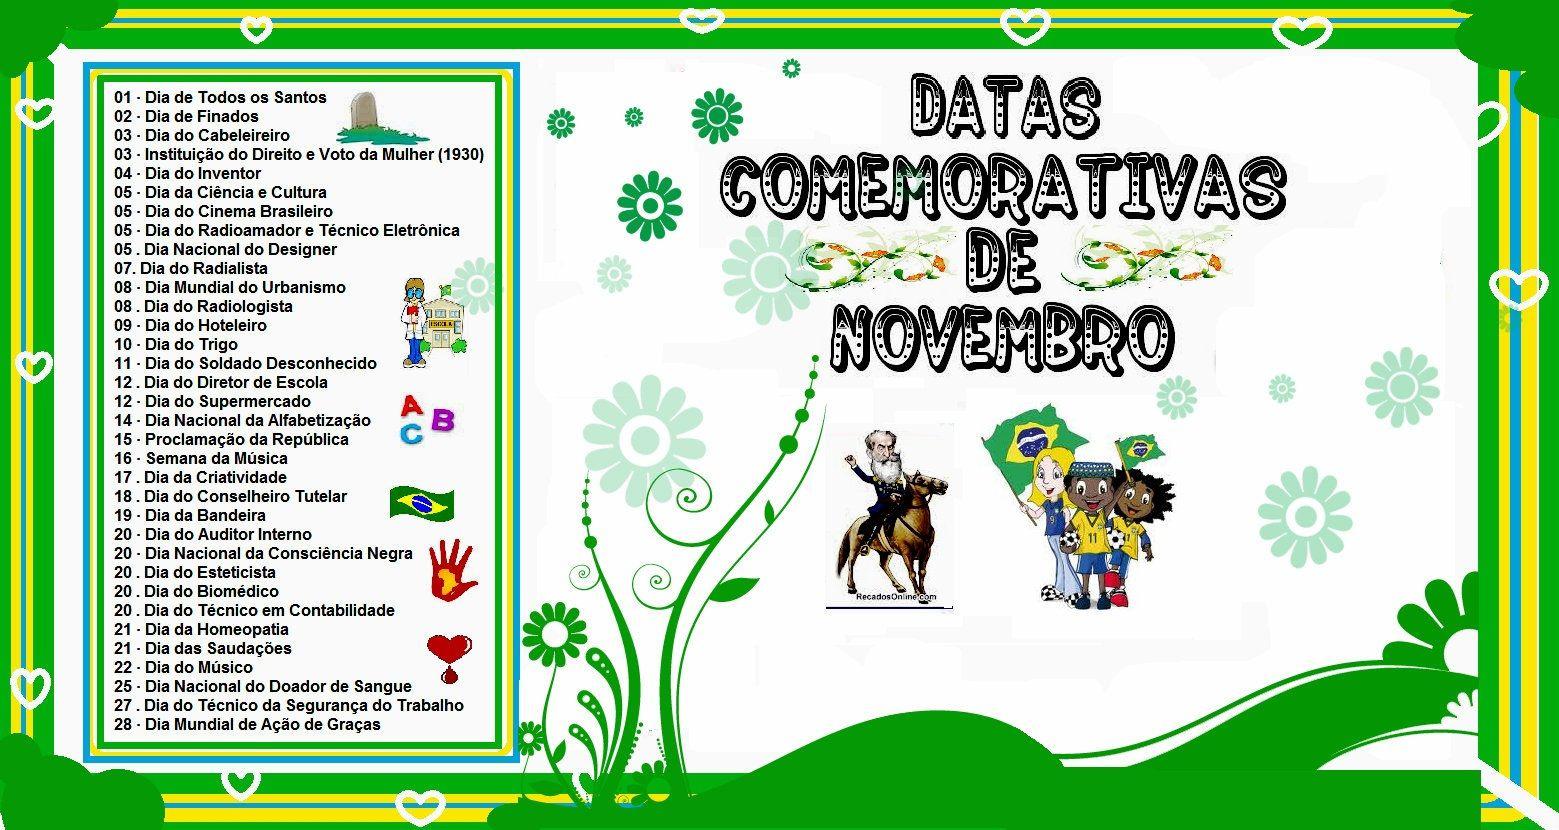 Super datas comemorativas mês de outubro 2016 | ROSA MÍSTICA: DATAS  DX32